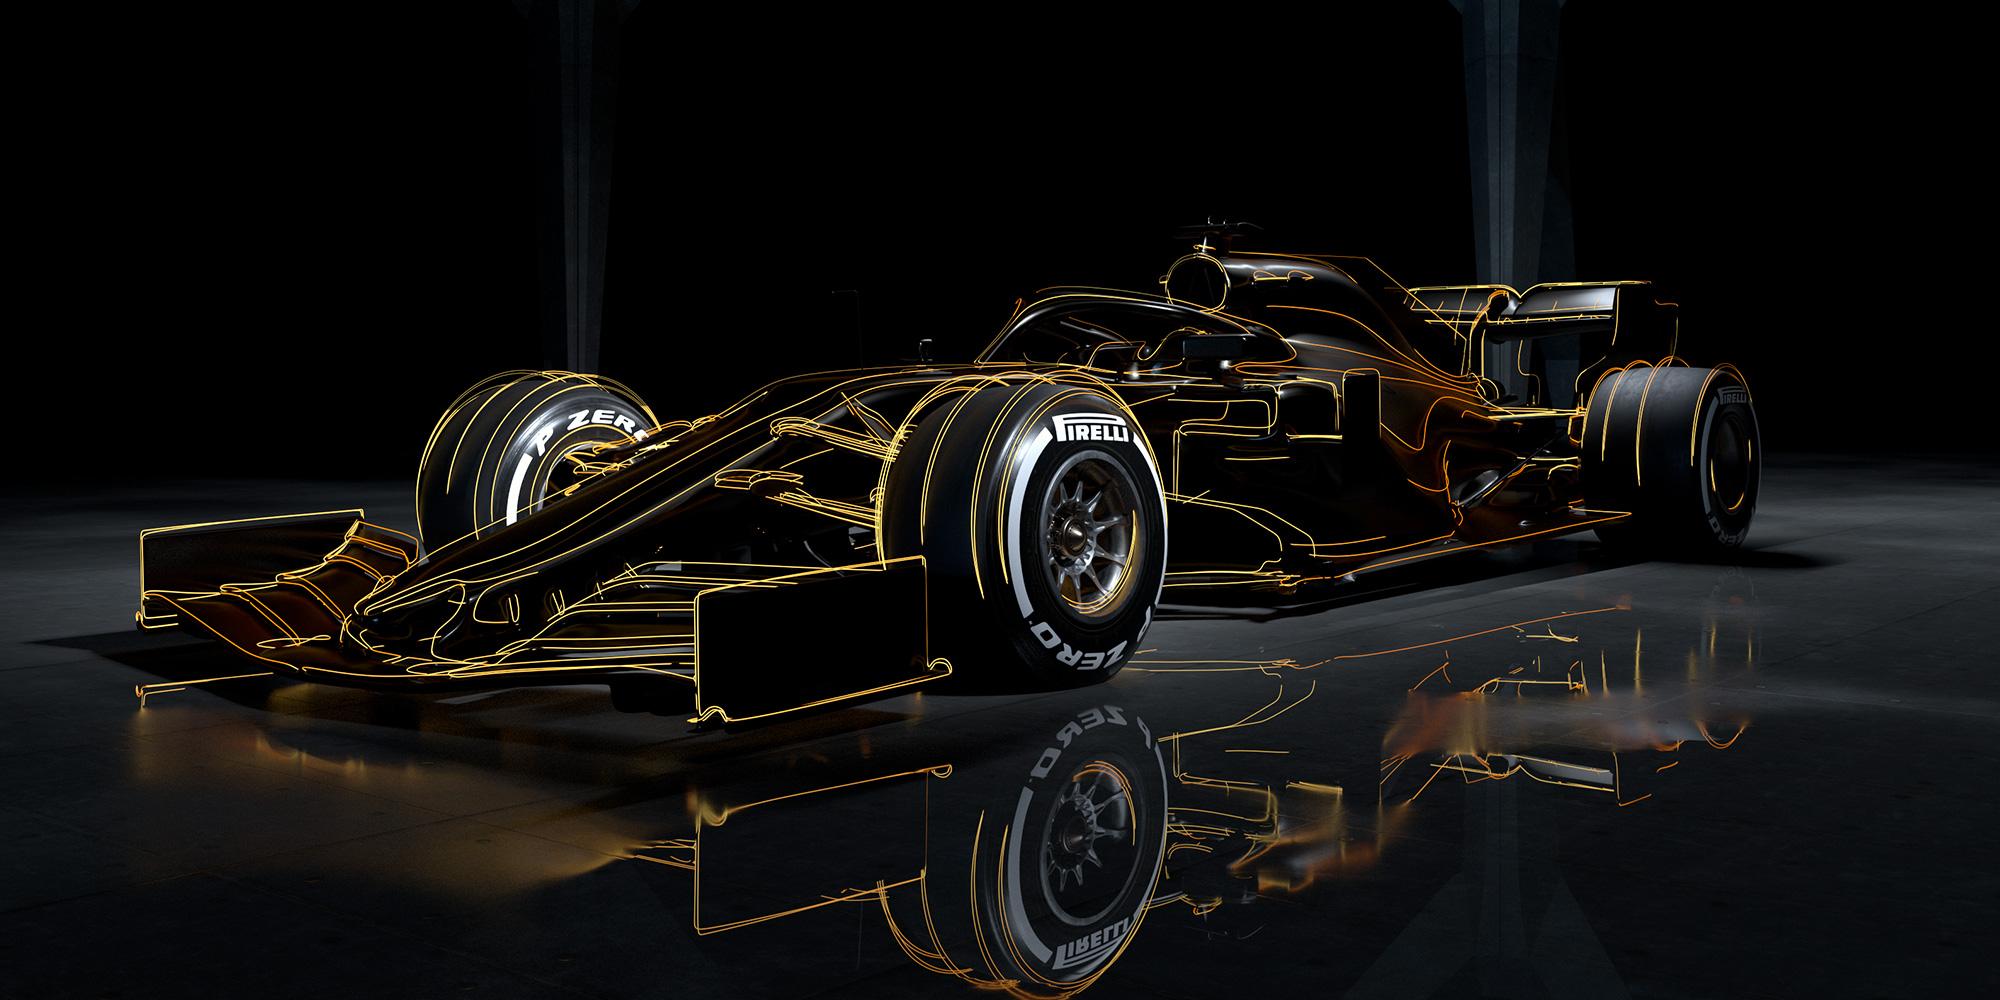 Wallpaper Ferrari Sf90 F1 2019 4k 5k Automotive Cars: [15+] F1 2019 Wallpapers On WallpaperSafari